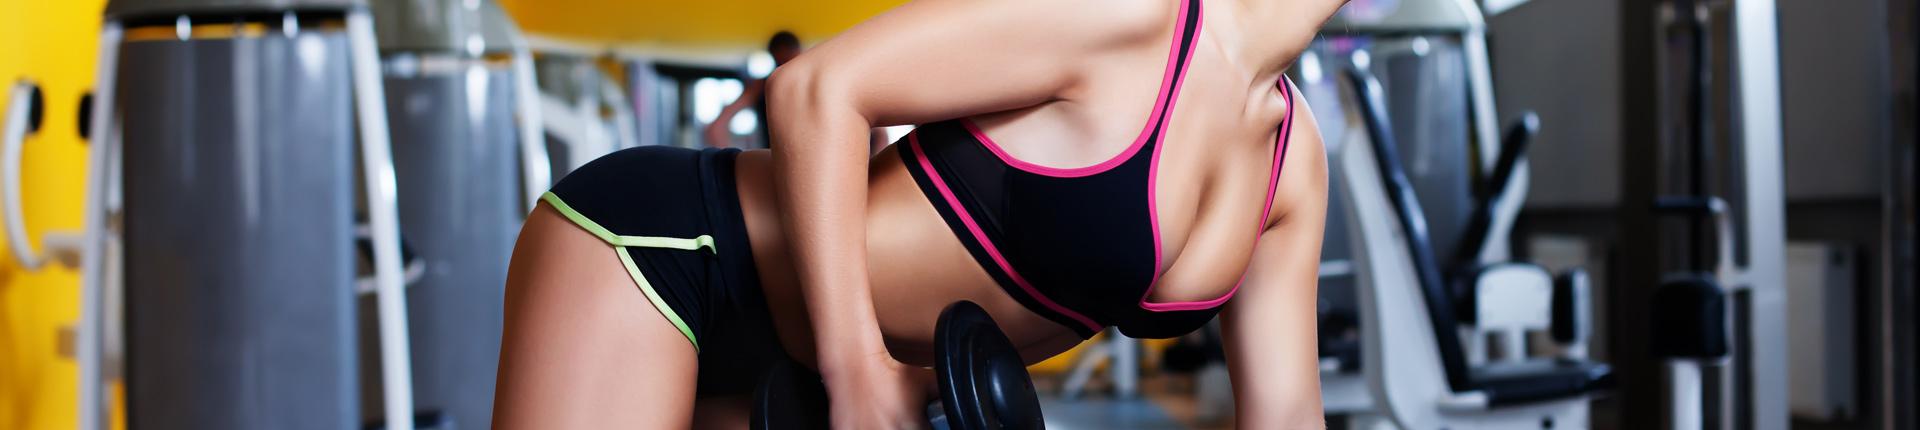 Jak ujędrnić biust - ćwiczenia na idealne piersi